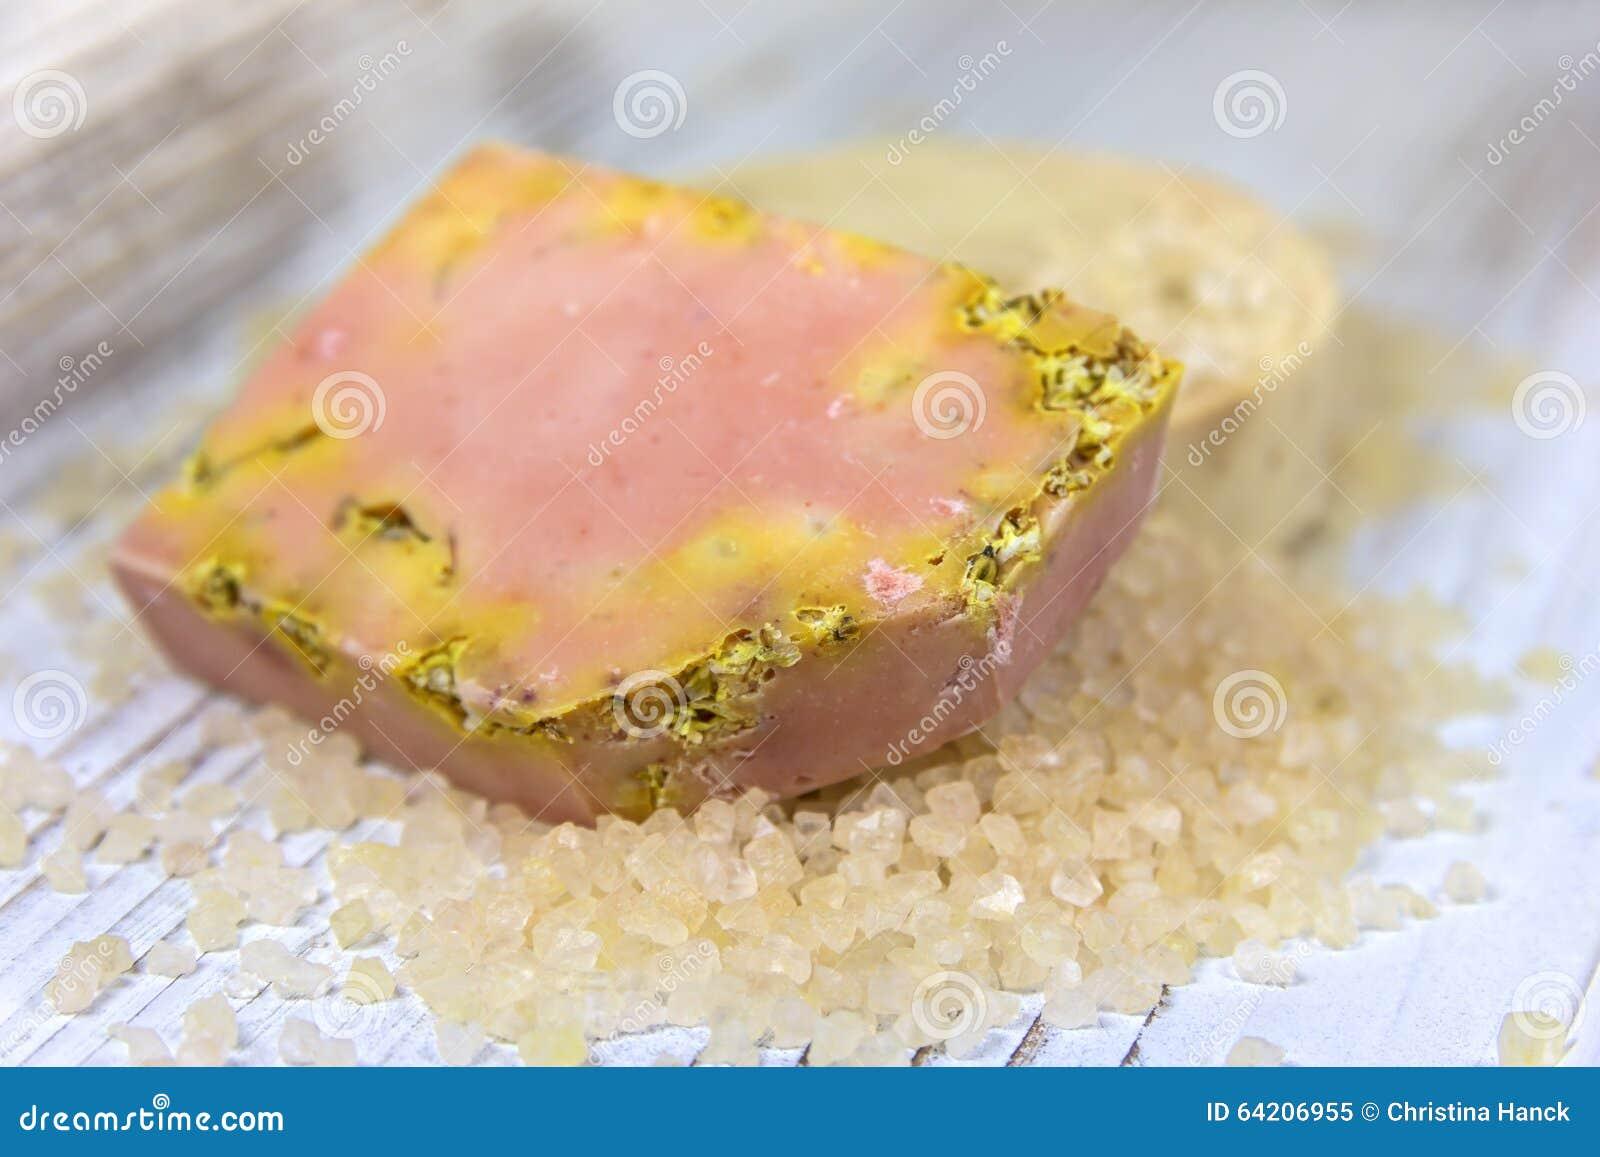 Jabón hecho a mano con los ingredientes frescos